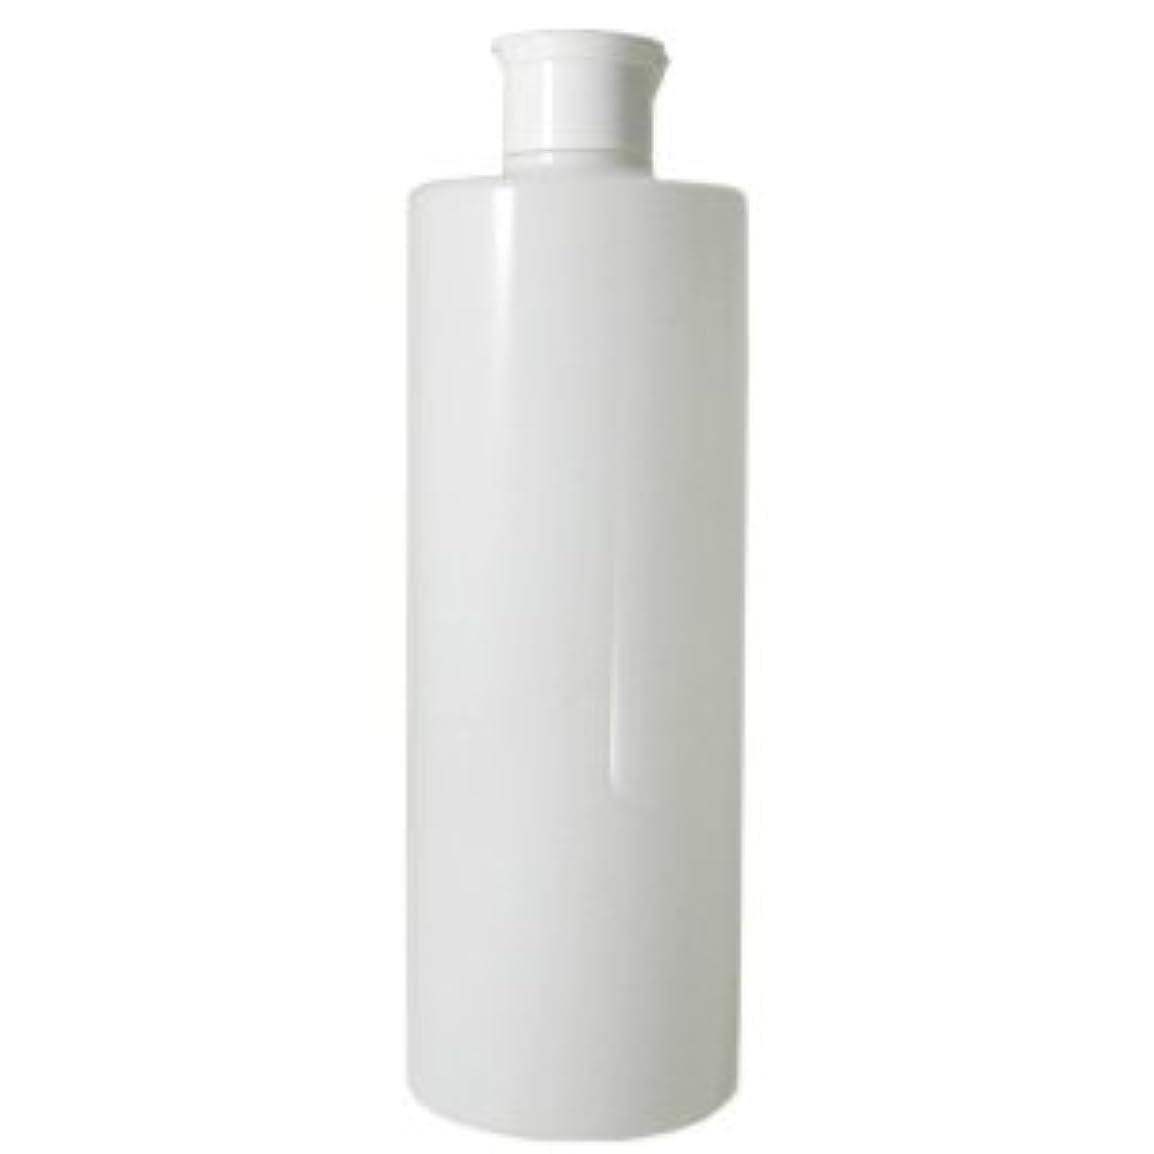 固体嫉妬スペアワンタッチキャップ 乳白半透明容器 500ml